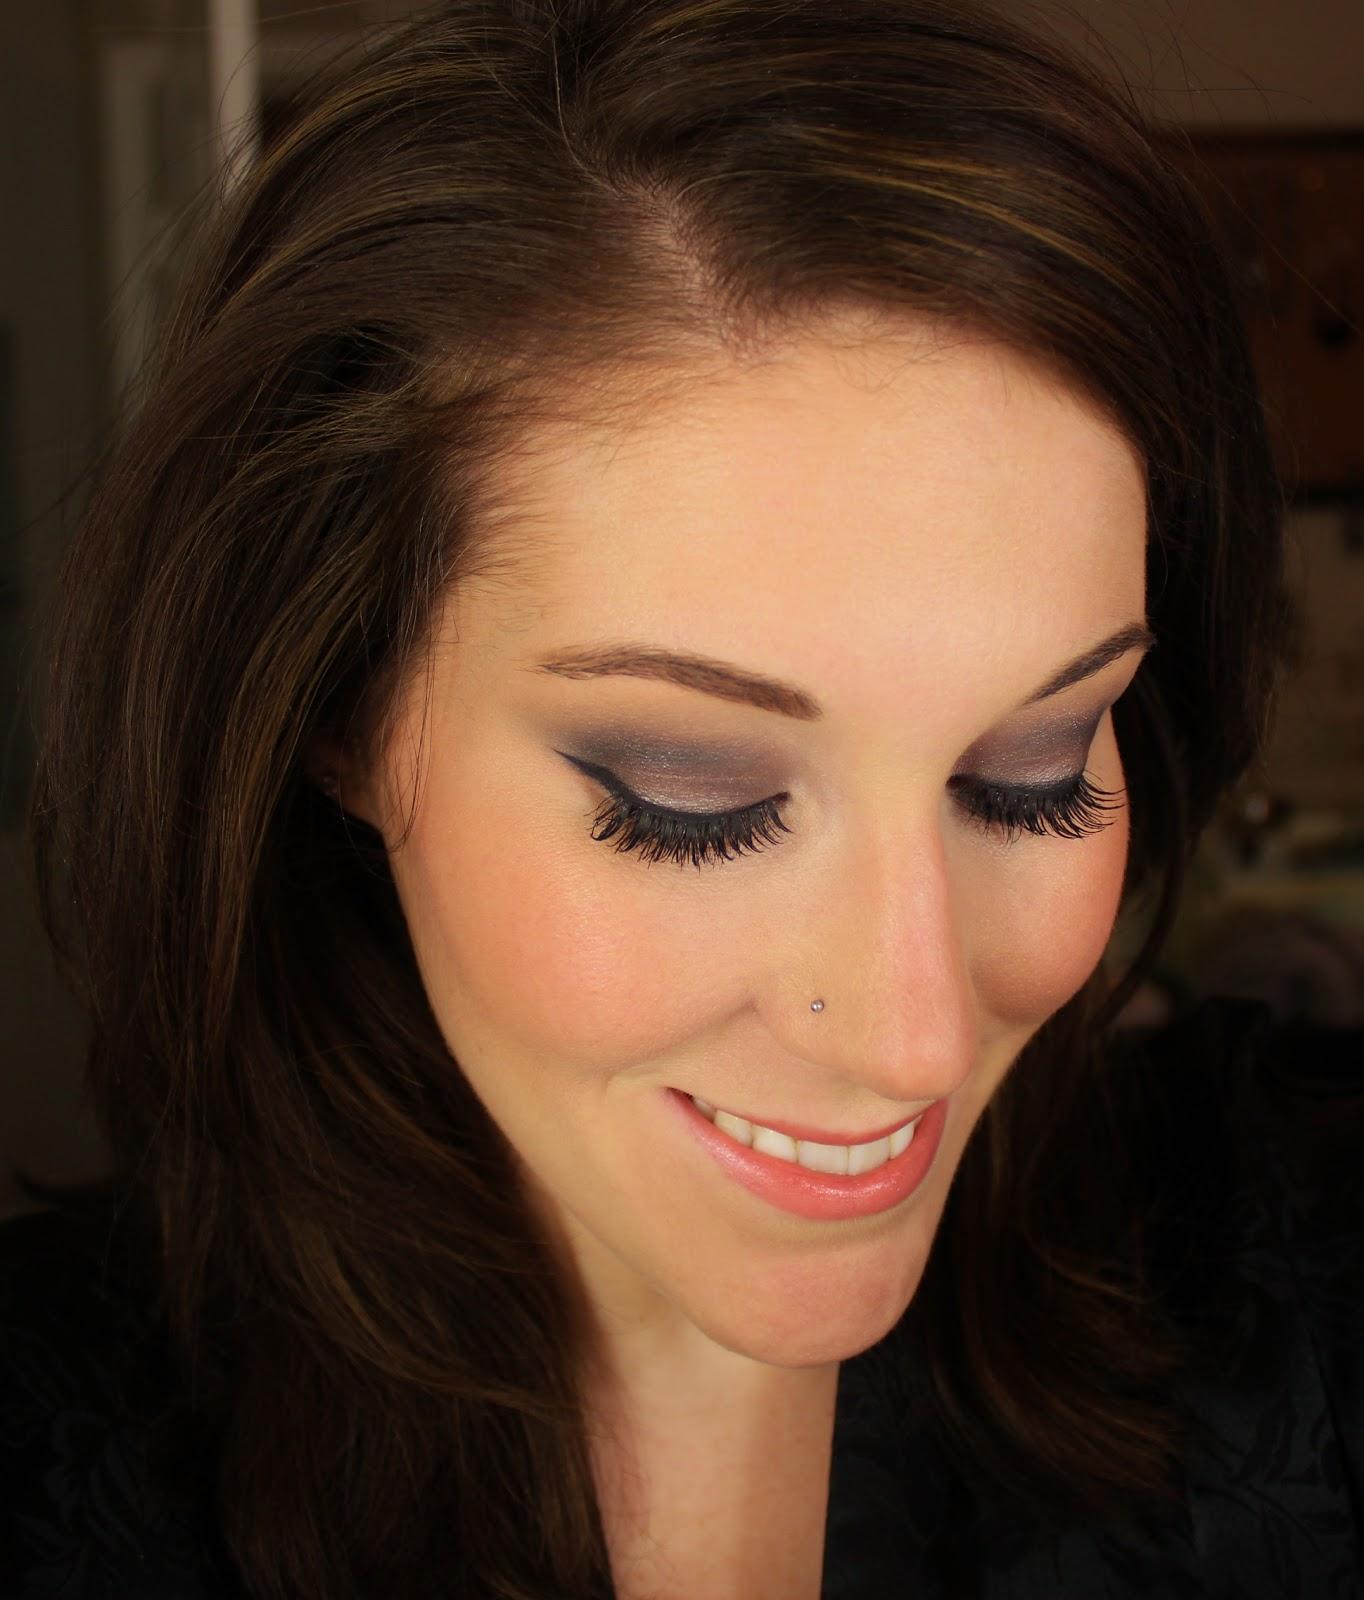 Dancingwithdragqueens Makeup Daily 3 12 2013